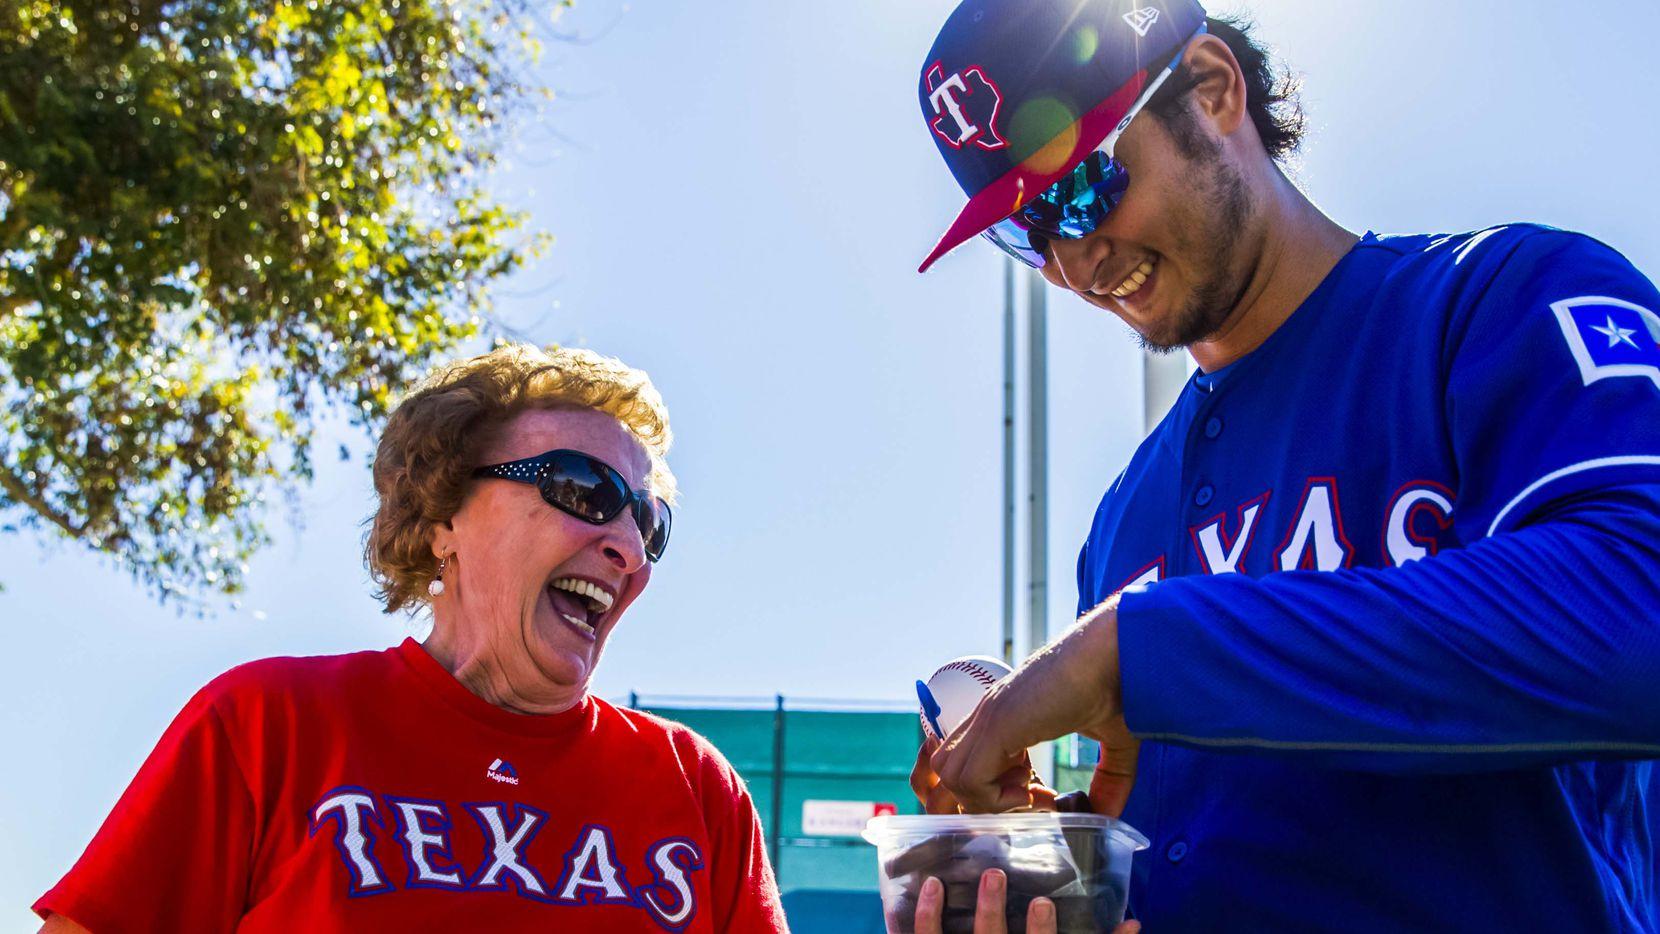 """Shirley Kost, conocida como la """"Dama de las Galletas"""", comparte un de sus creaciones horneadas con el pitcher de los Rangers de Texas, Yu Darvish, el 16 de febrero de 2017 en Surprise, Arizona."""